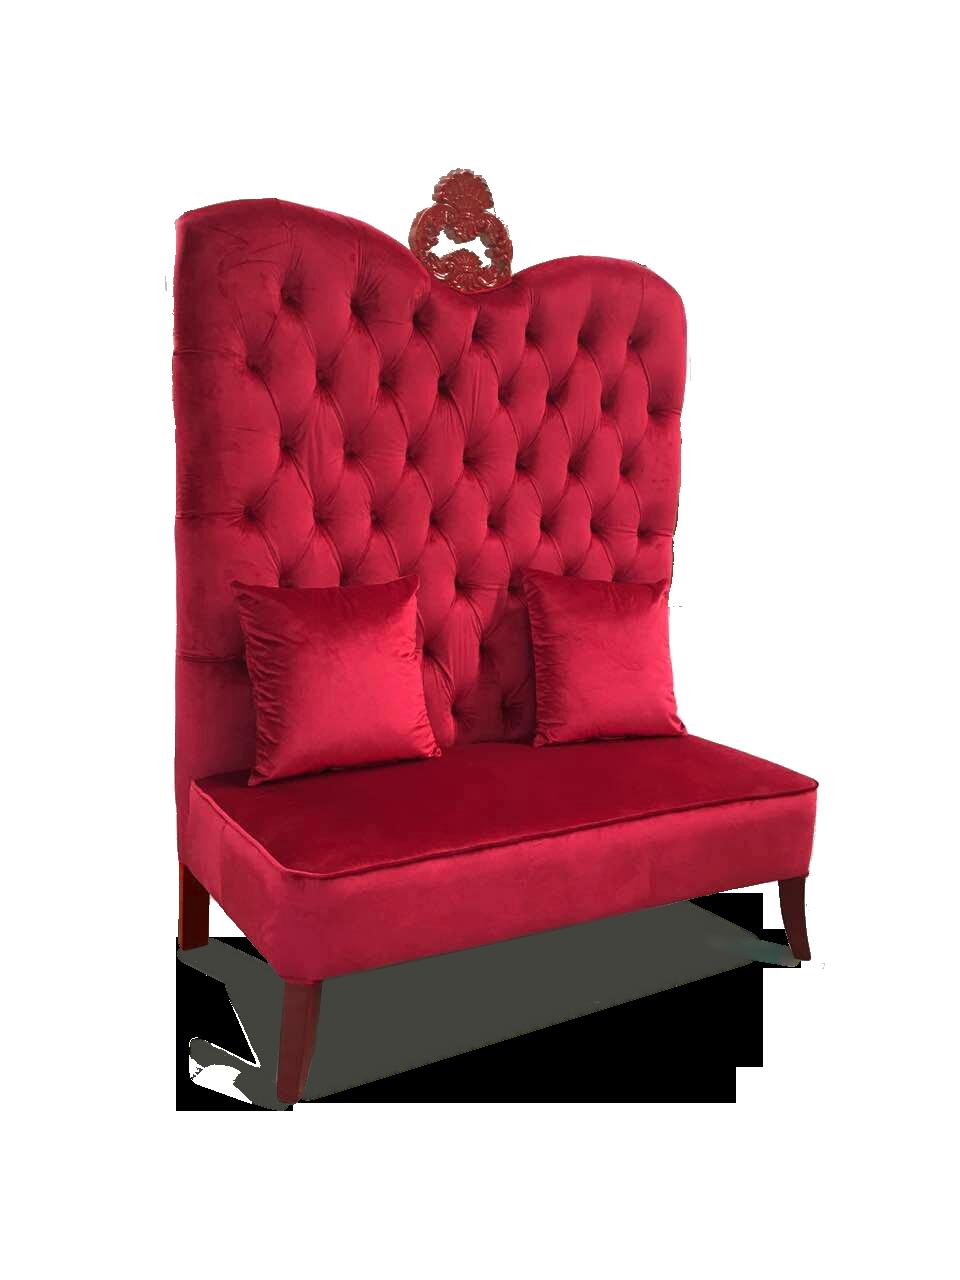 Reign Throne Chair Miami Broward Amp Palm Beach County